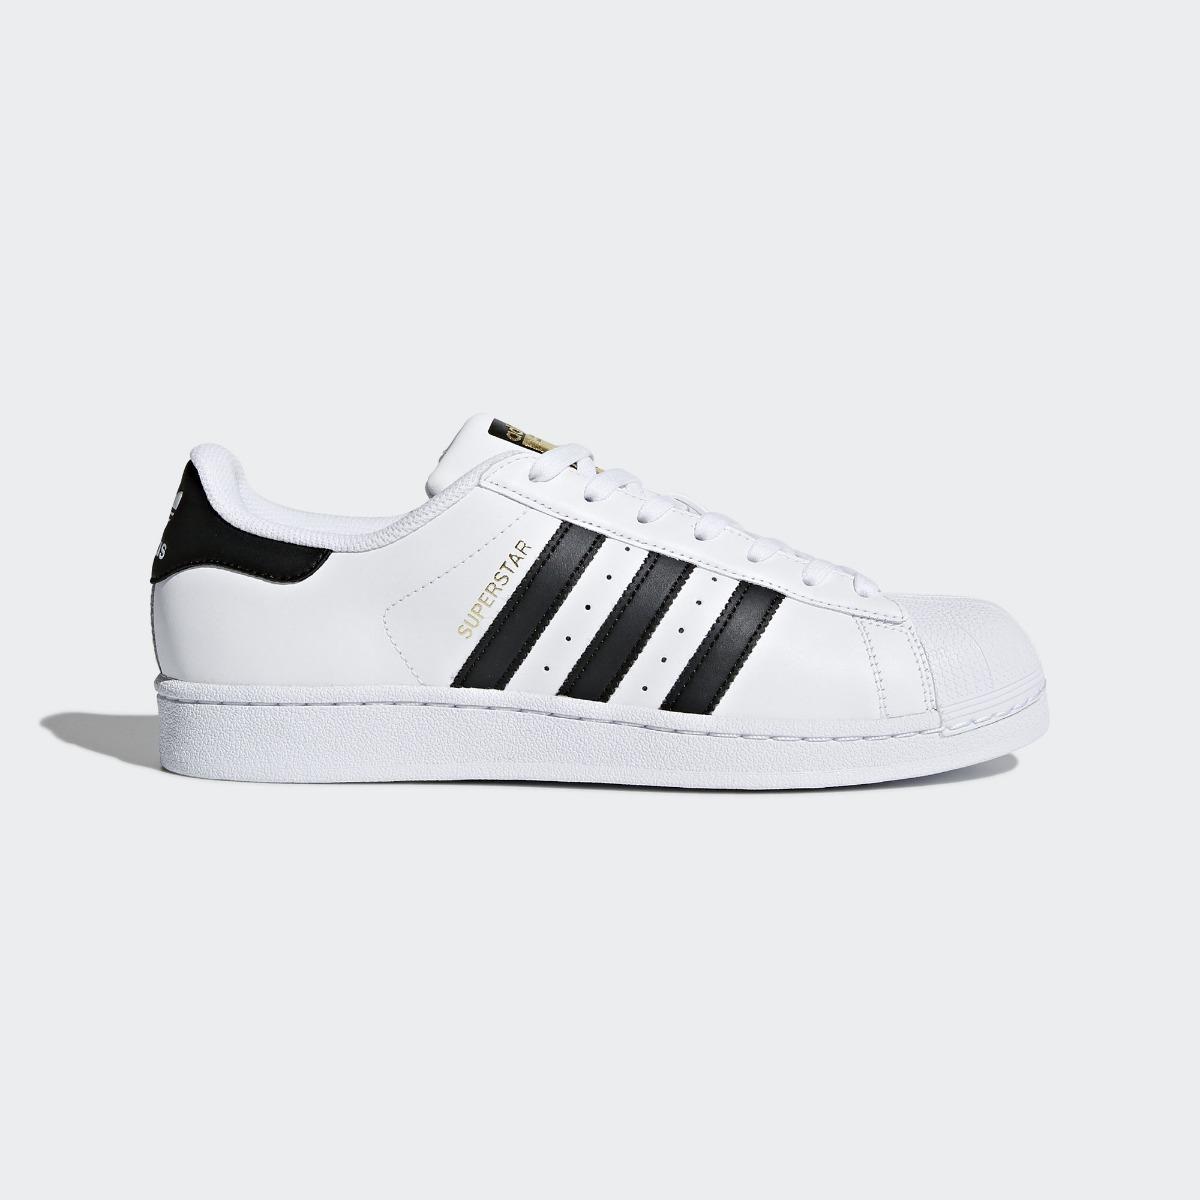 5ab39a1c9283a tênis adidas superstar branco e preto 100% original. Carregando zoom.